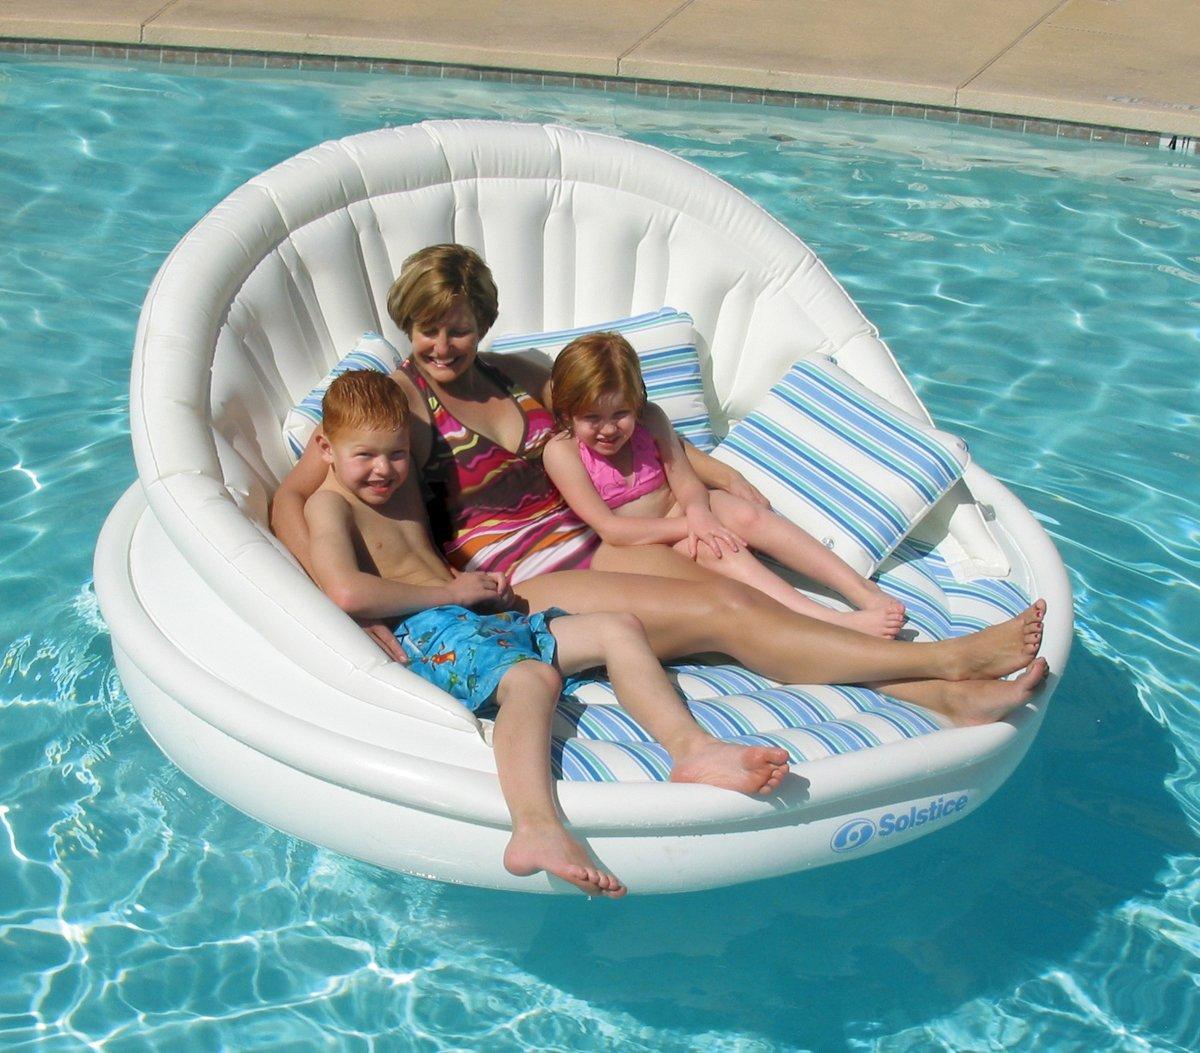 Виды необычных надувных диванов: диван для семьи